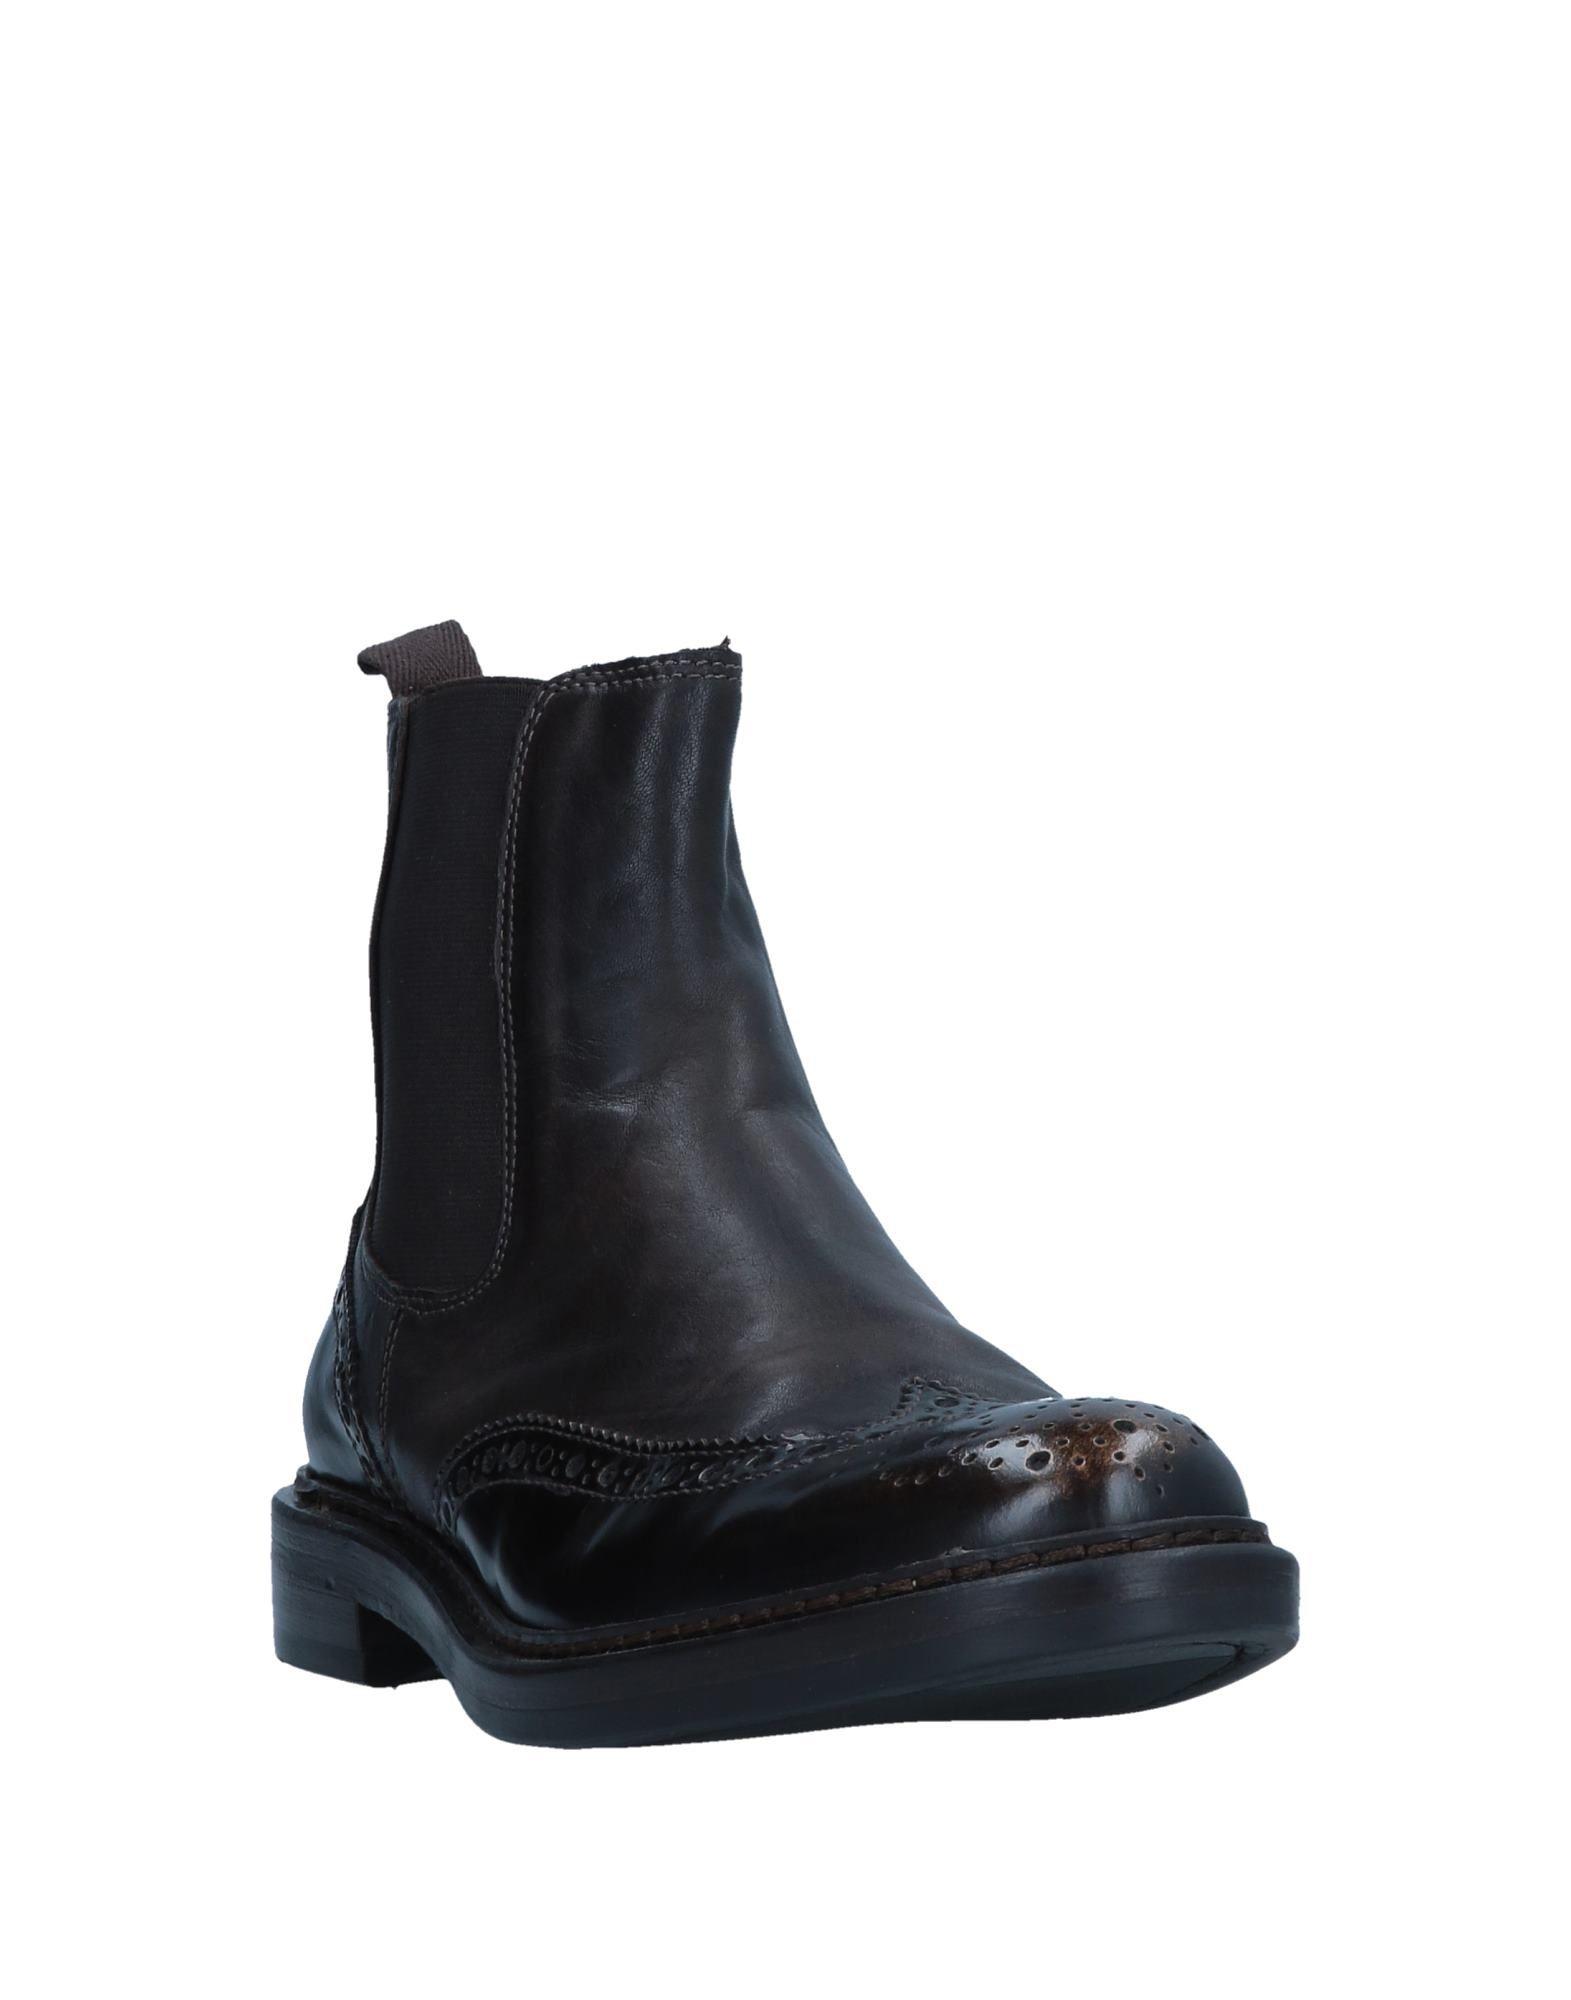 Stilvolle Chelsea billige Schuhe Hundred 100 Chelsea Stilvolle Boots Damen  11552791JU 098ca0